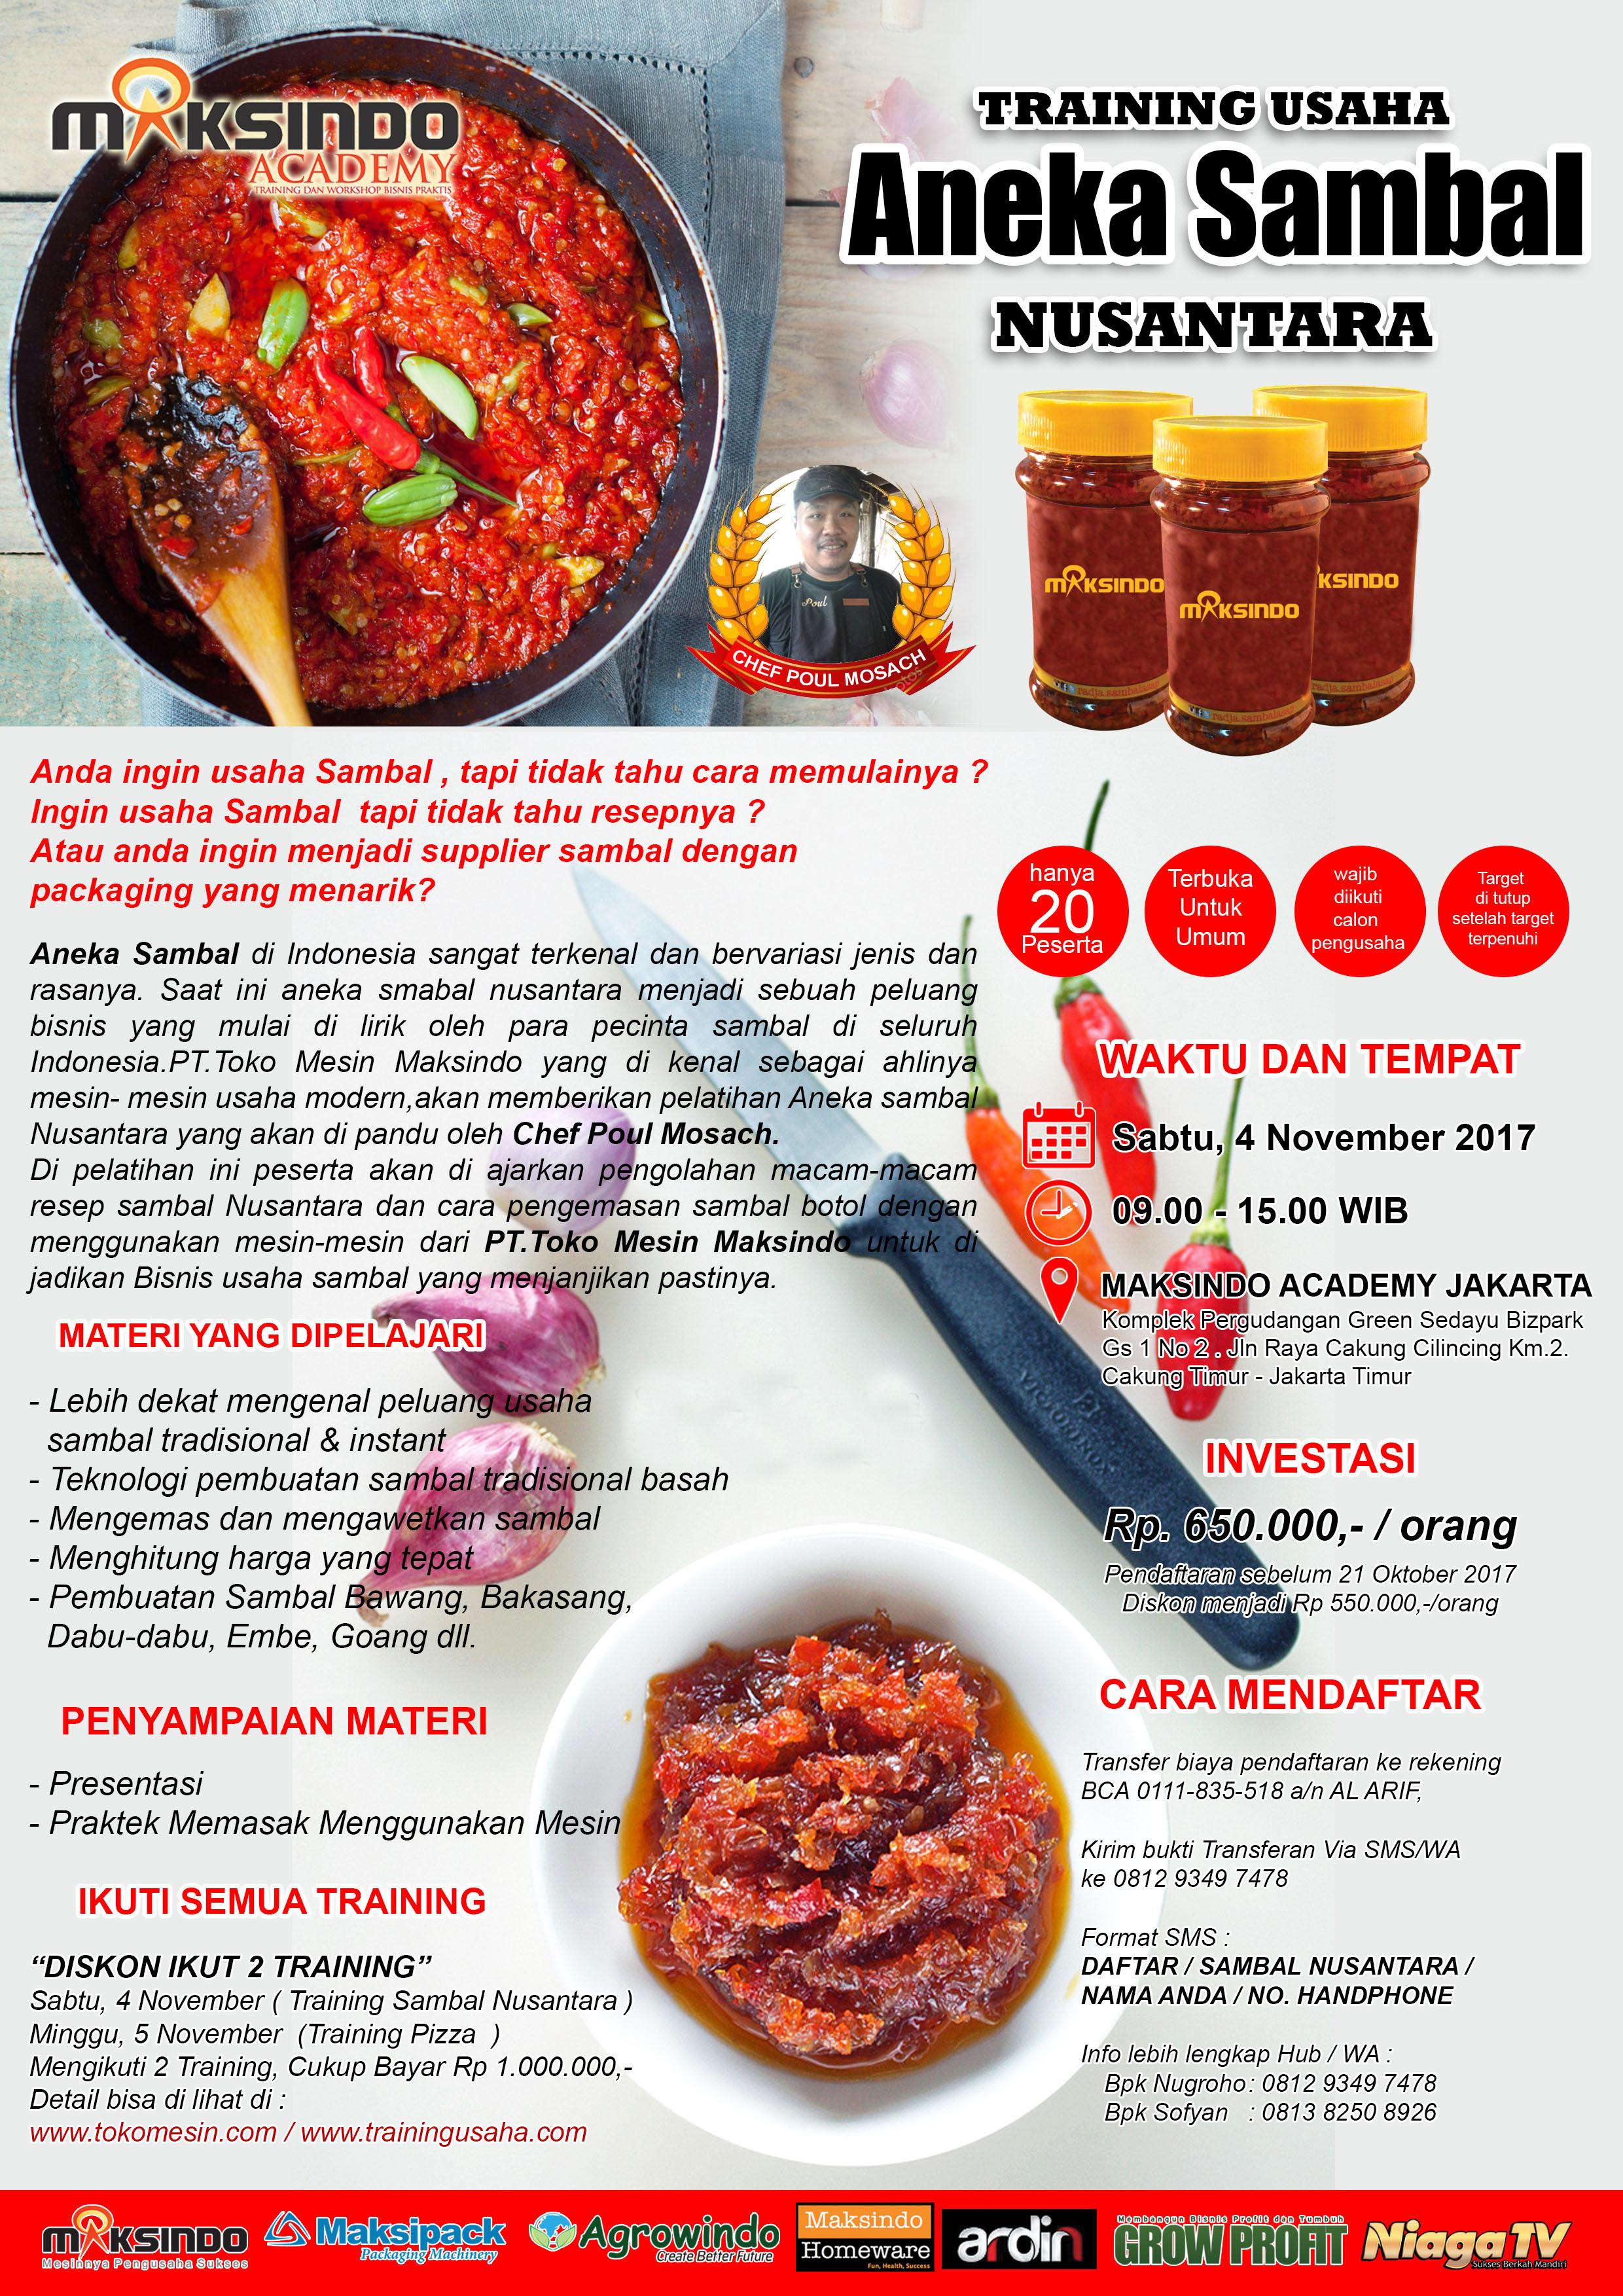 Training Usaha Aneka Sambal Nusantara, 4 November 2017